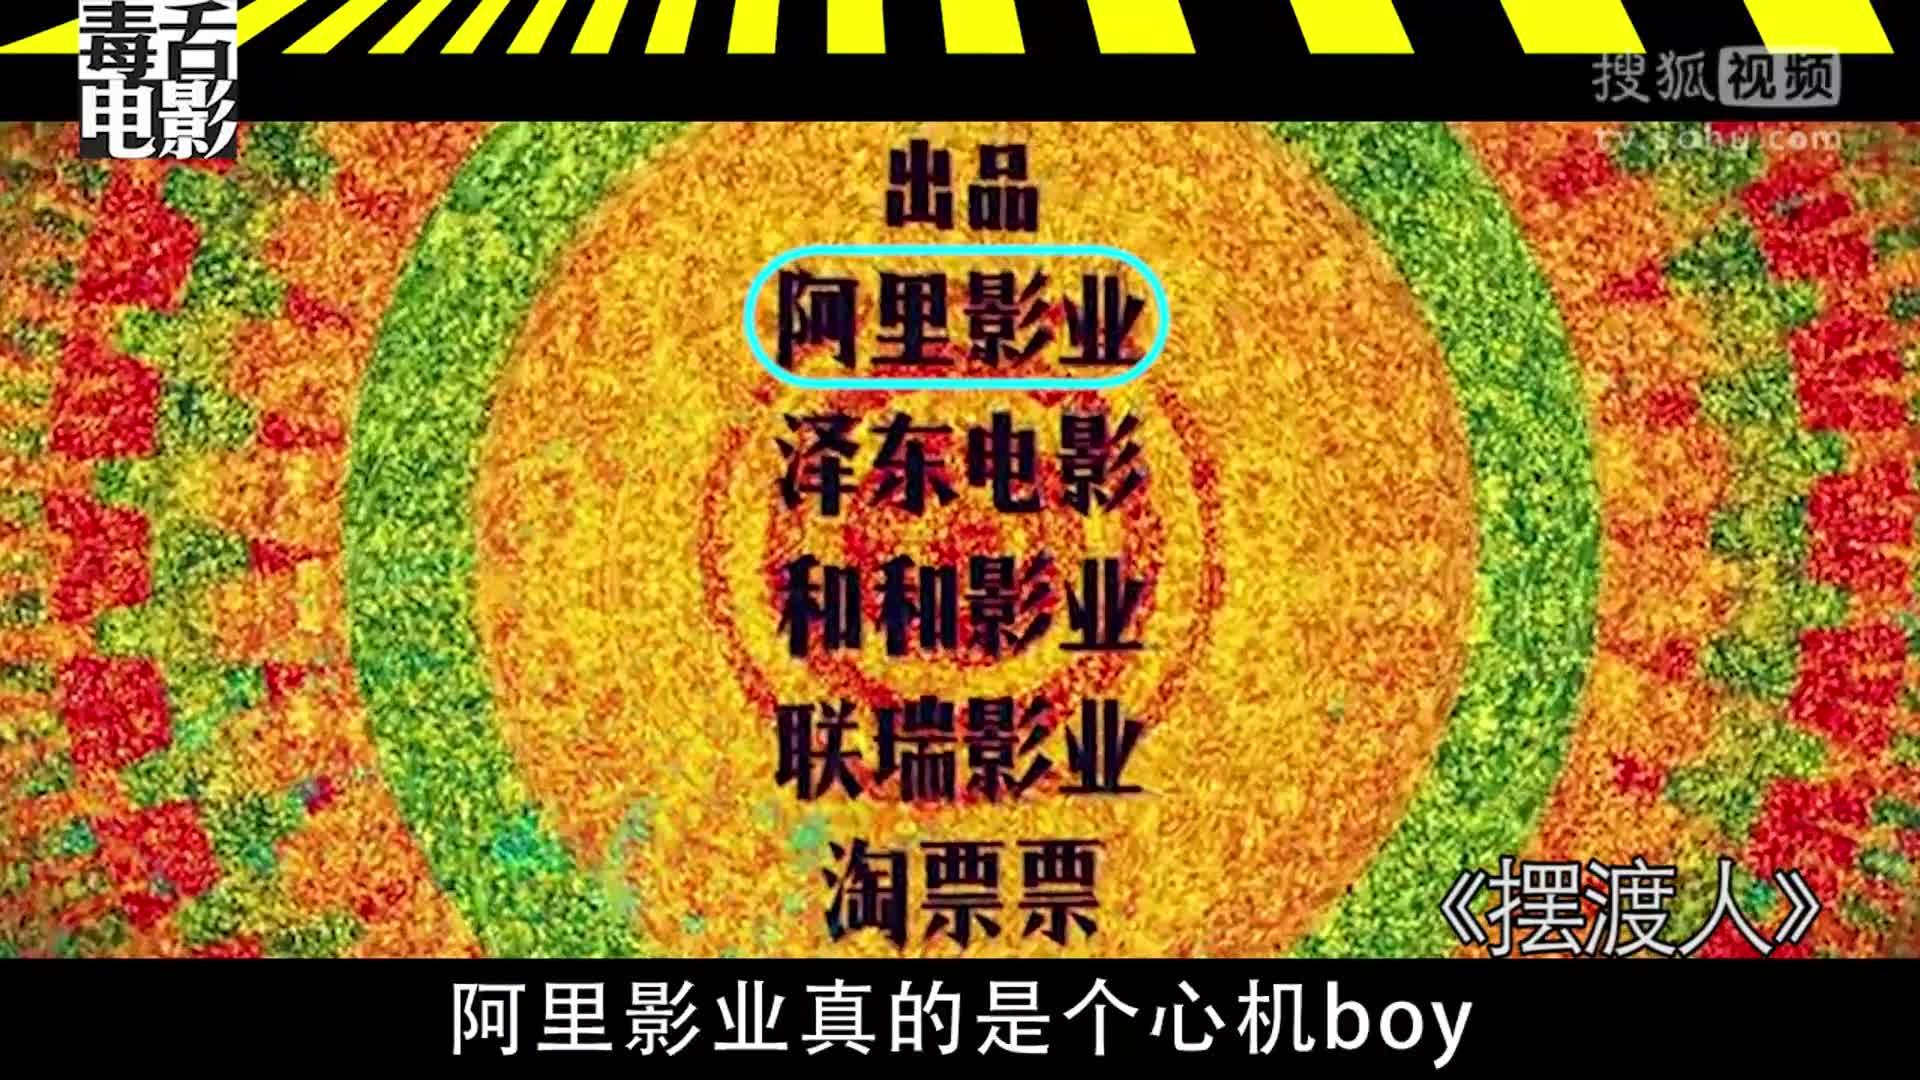 王家卫喜大普奔角逐今年最烂片(他赢定了)   【毒舌预告片】